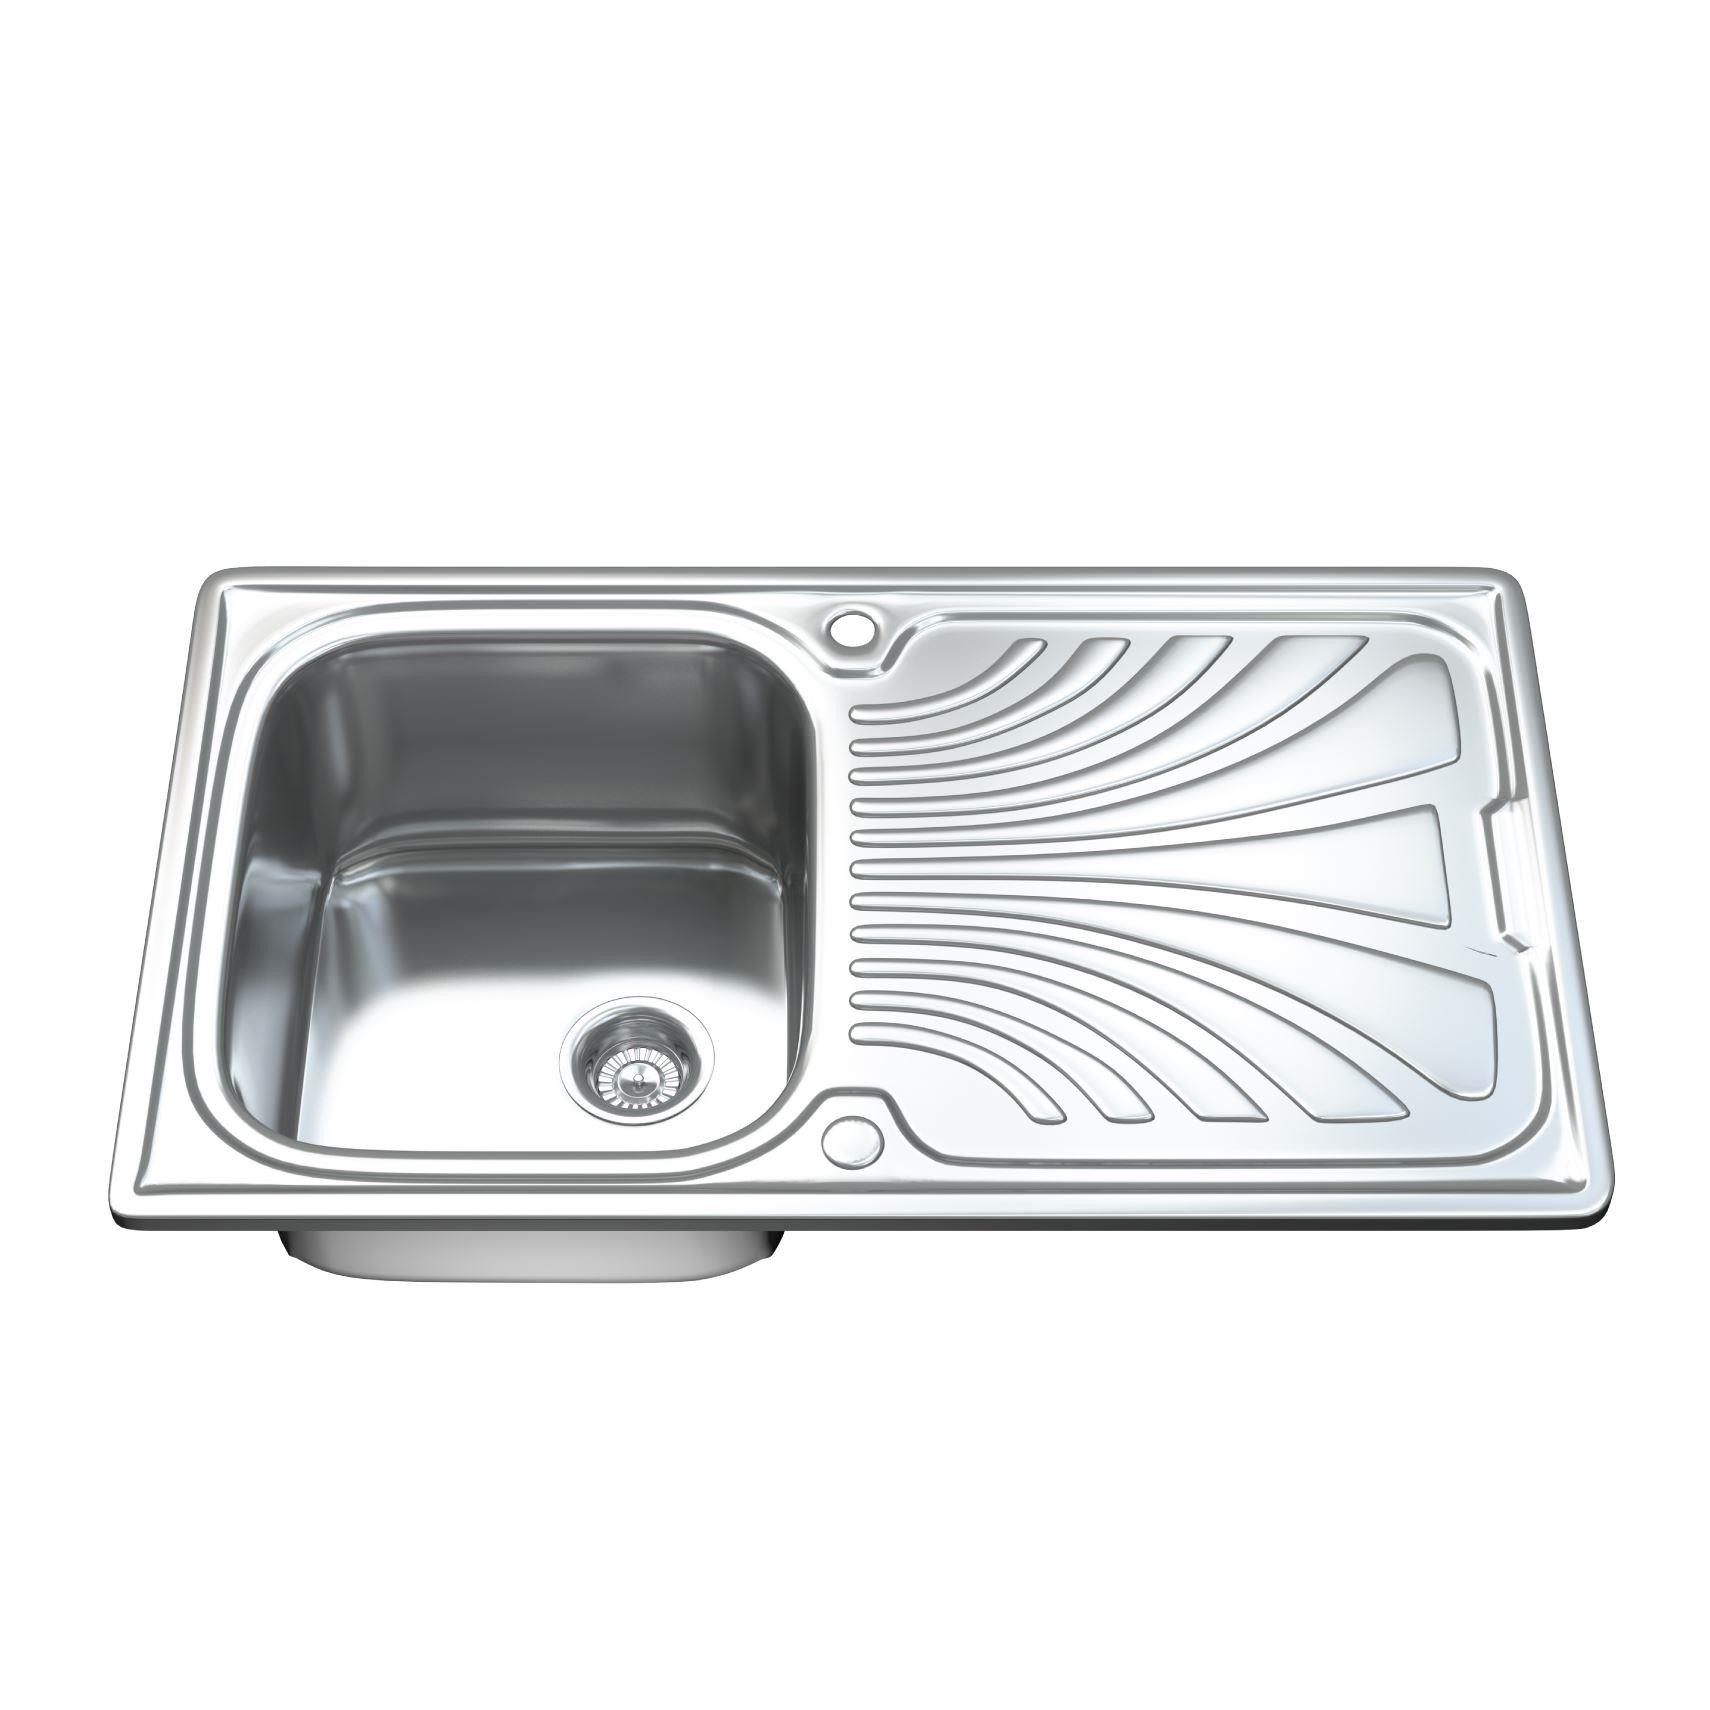 kitchens direct kitchen design appliances 1001